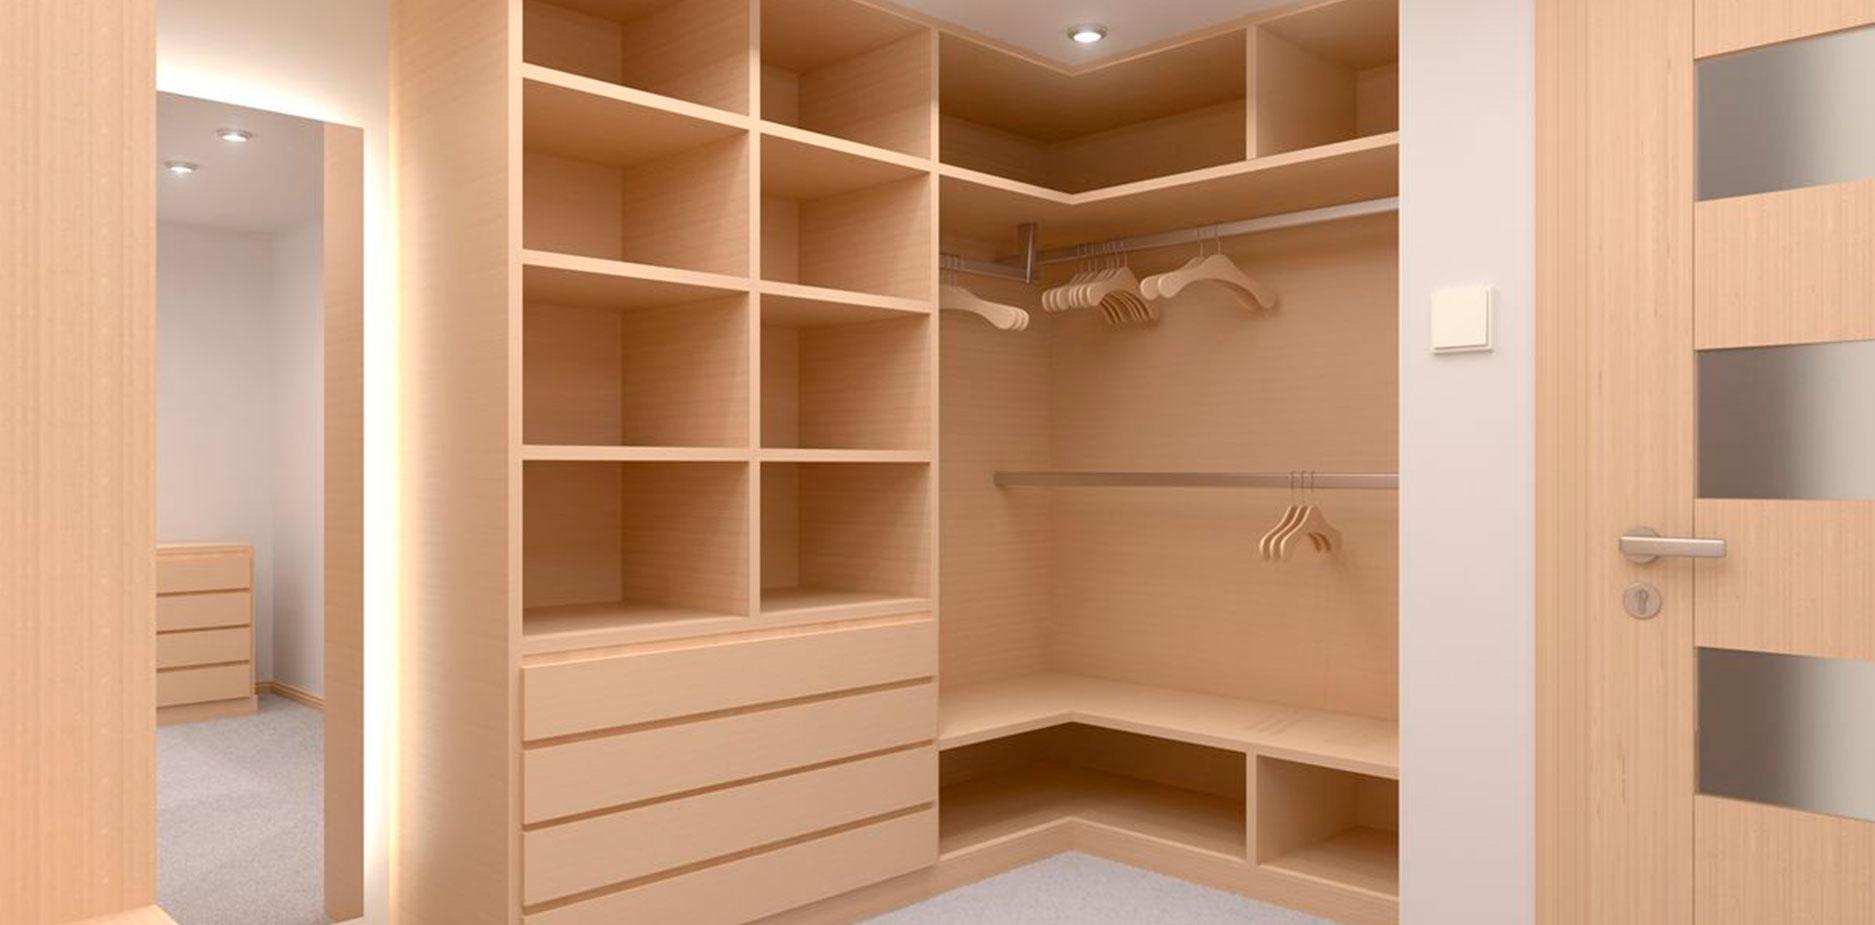 ventajas de los muebles personalizados y a medida On mueble a medida